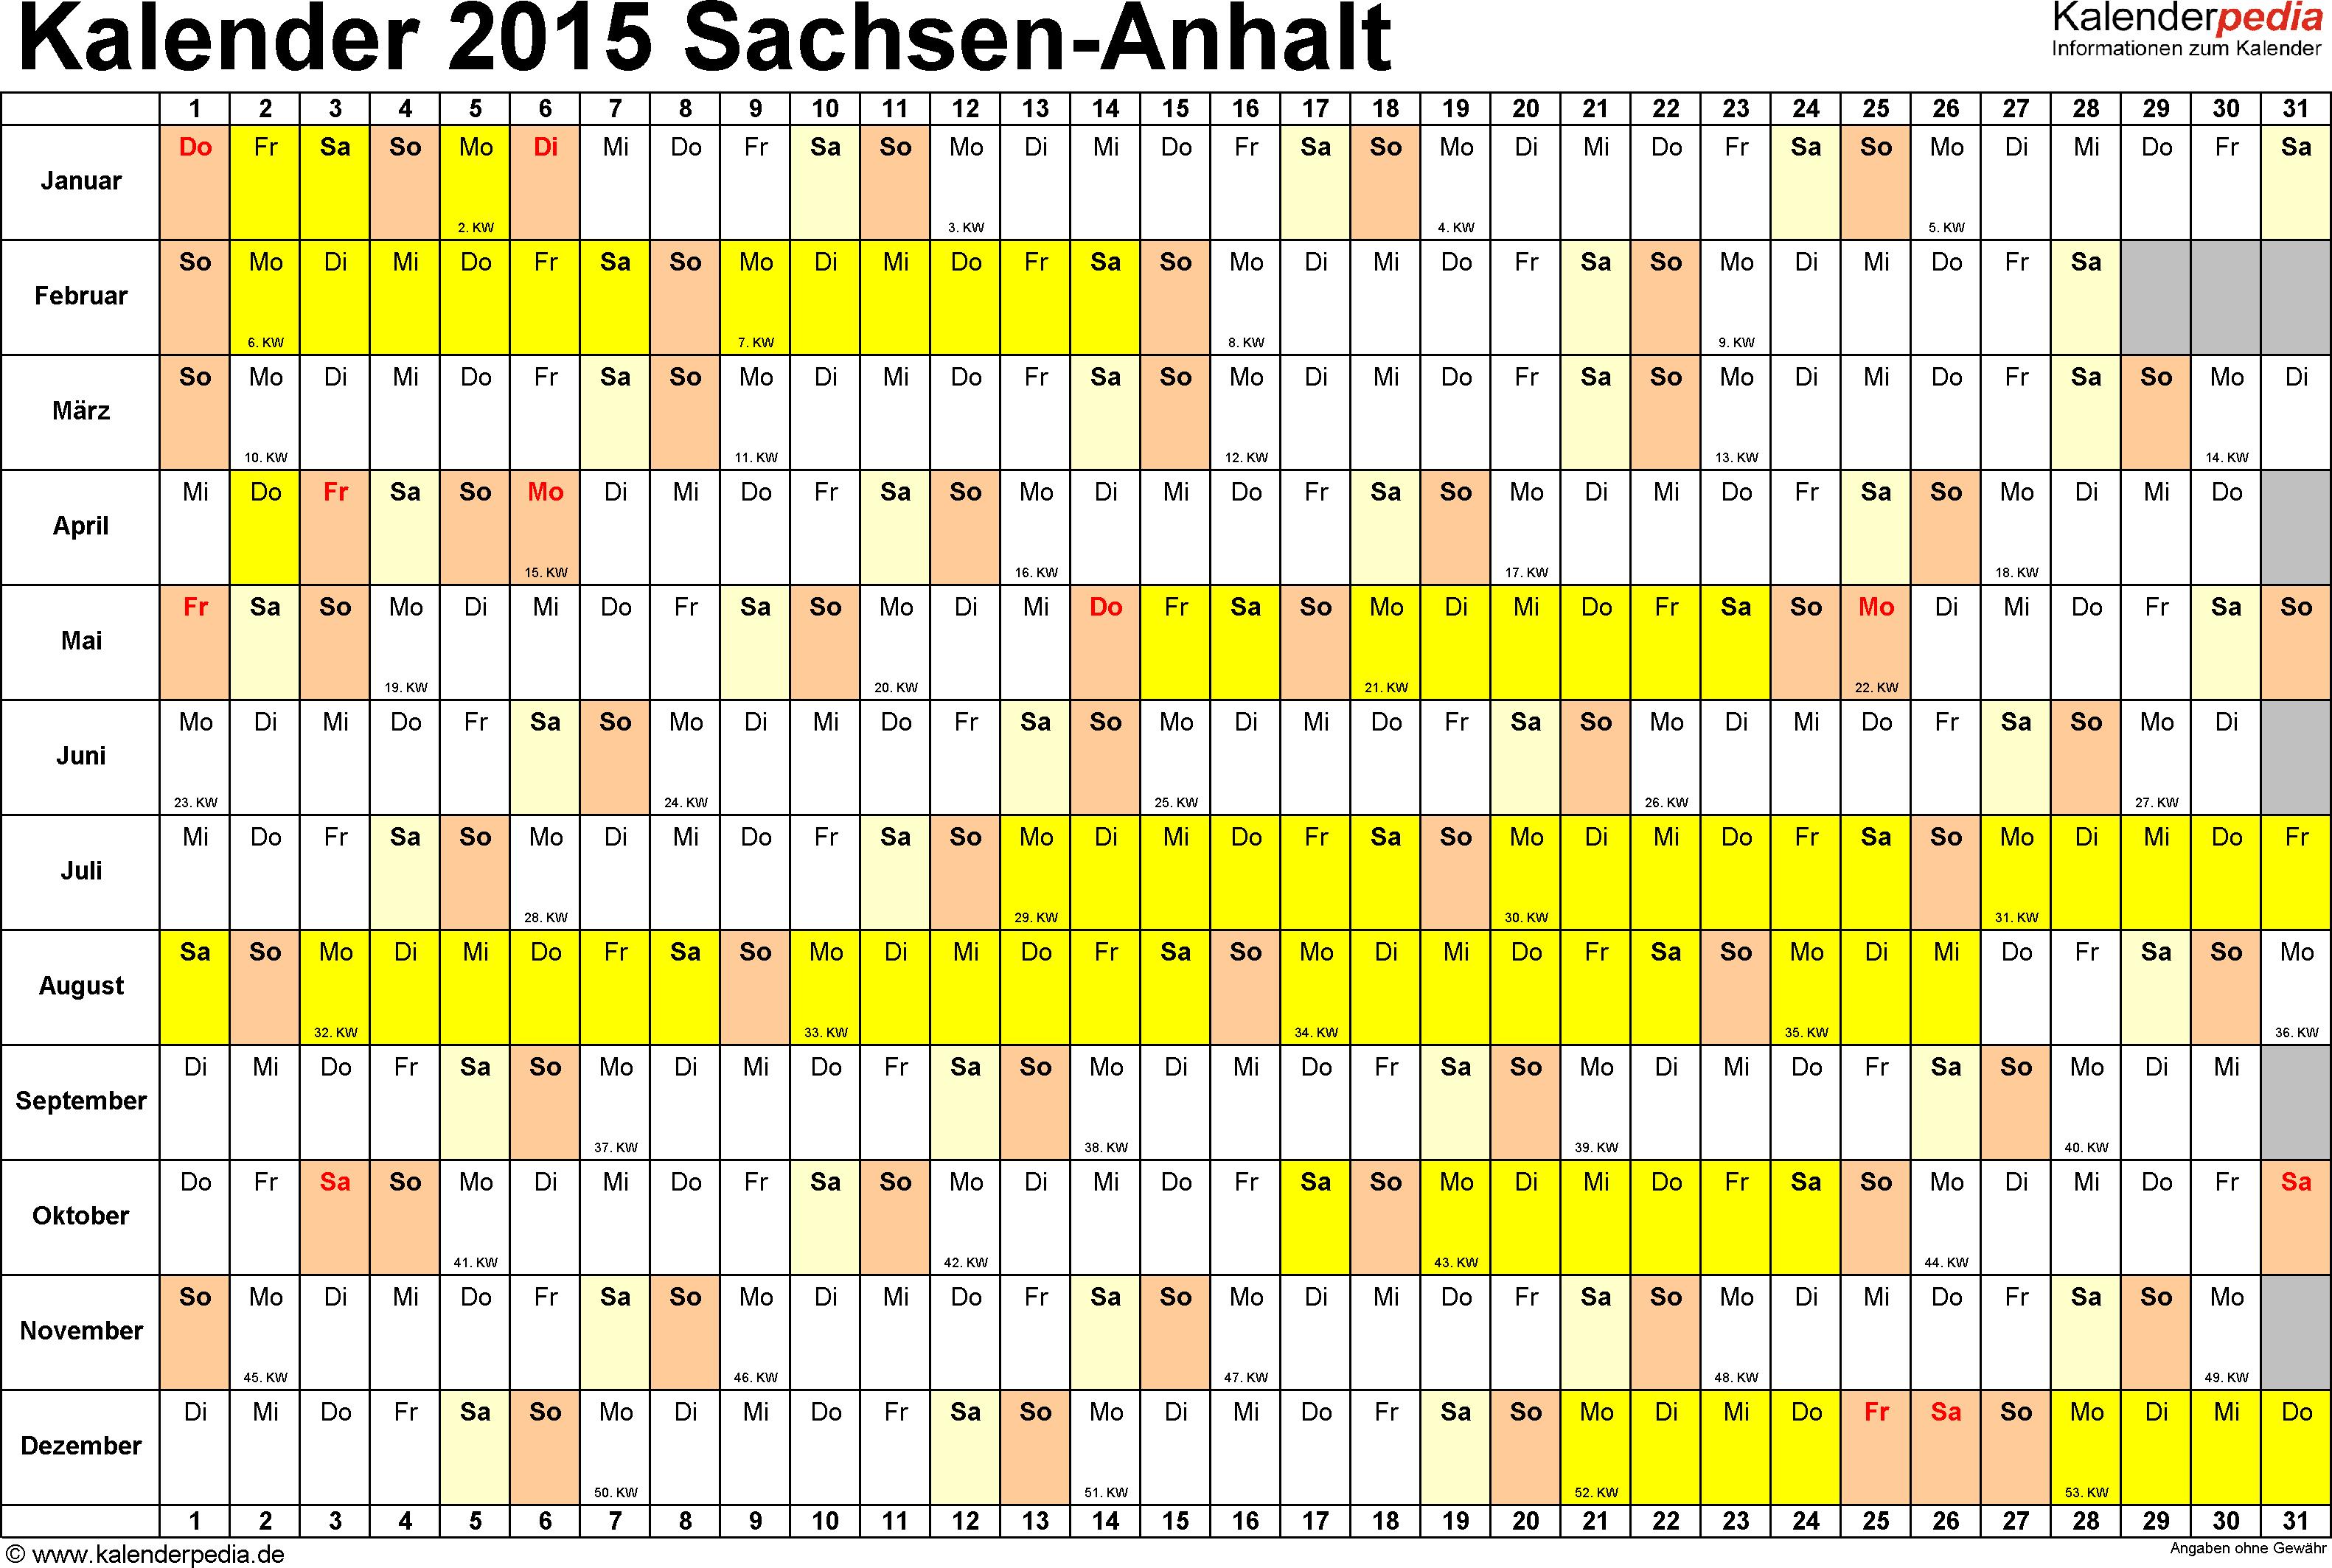 Vorlage 3: Kalender Sachsen-Anhalt 2015 im Querformat, Tage nebeneinander